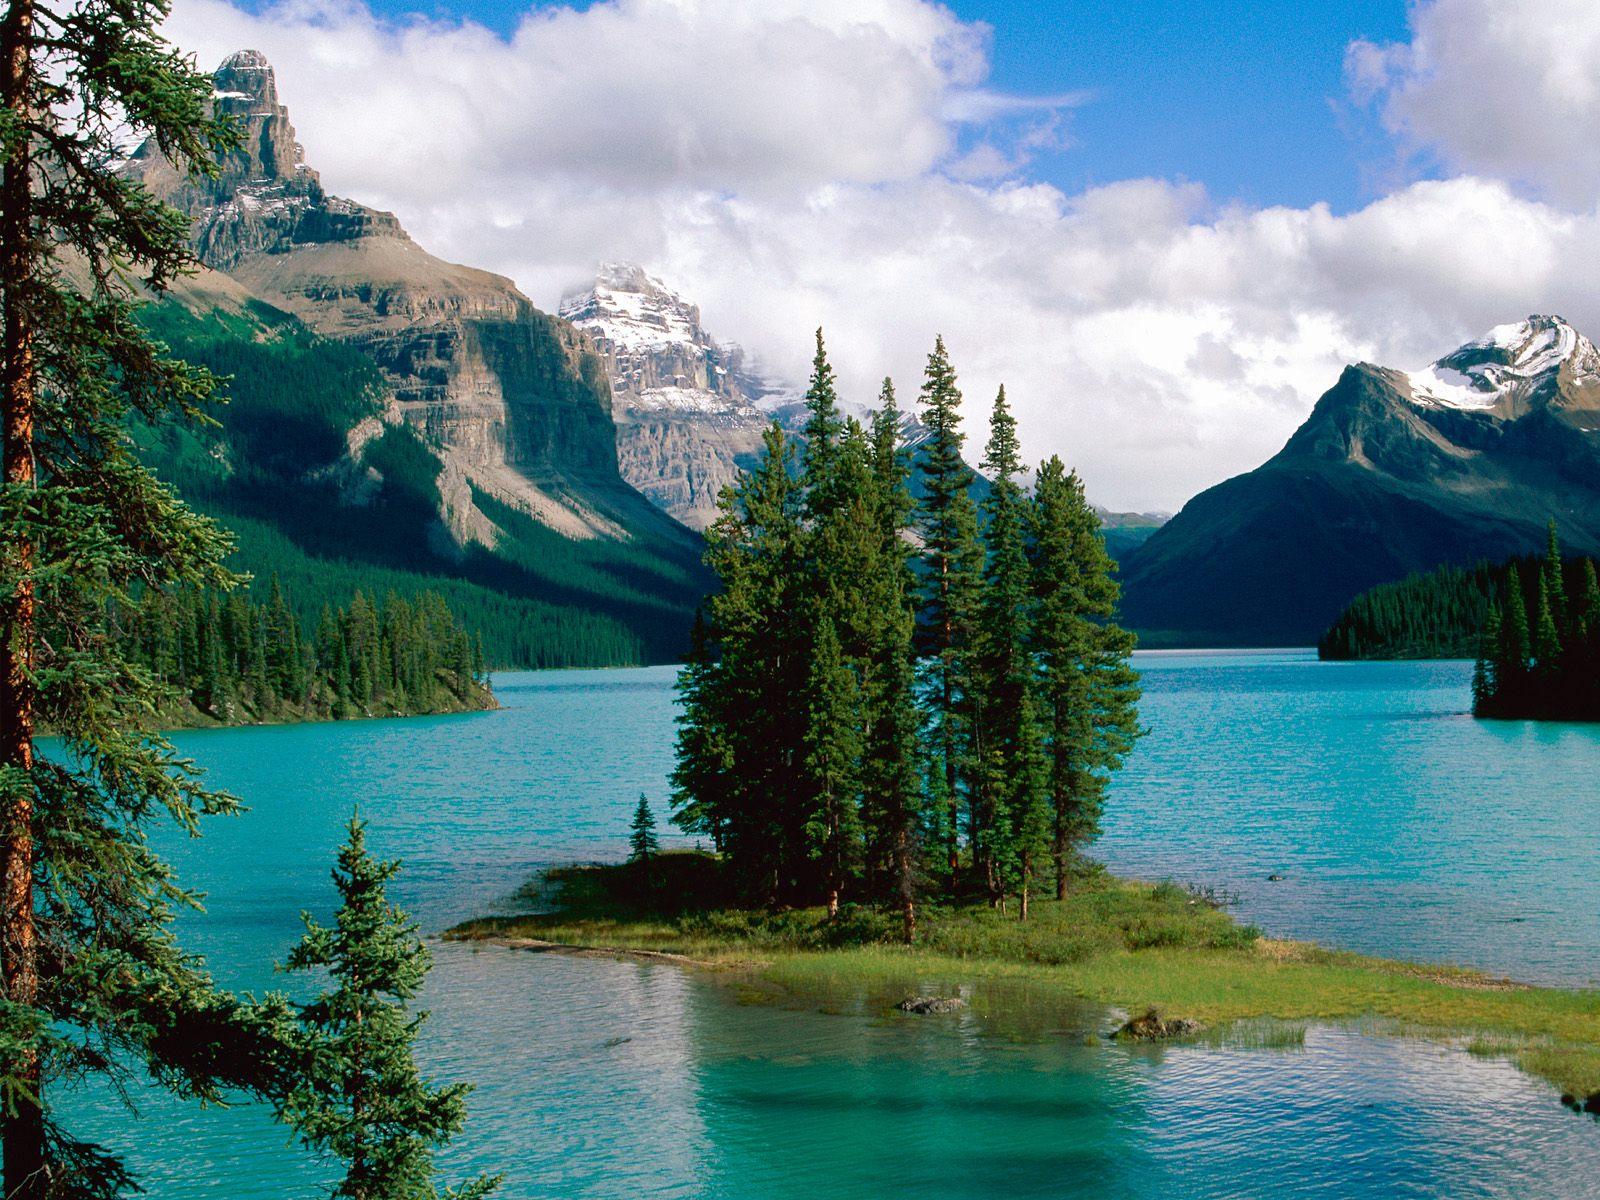 ジャスパー国立公園 マリーン湖 壁紙 - Maligne Lake, Jasper National Park, Alberta, Canada WALLPAPER